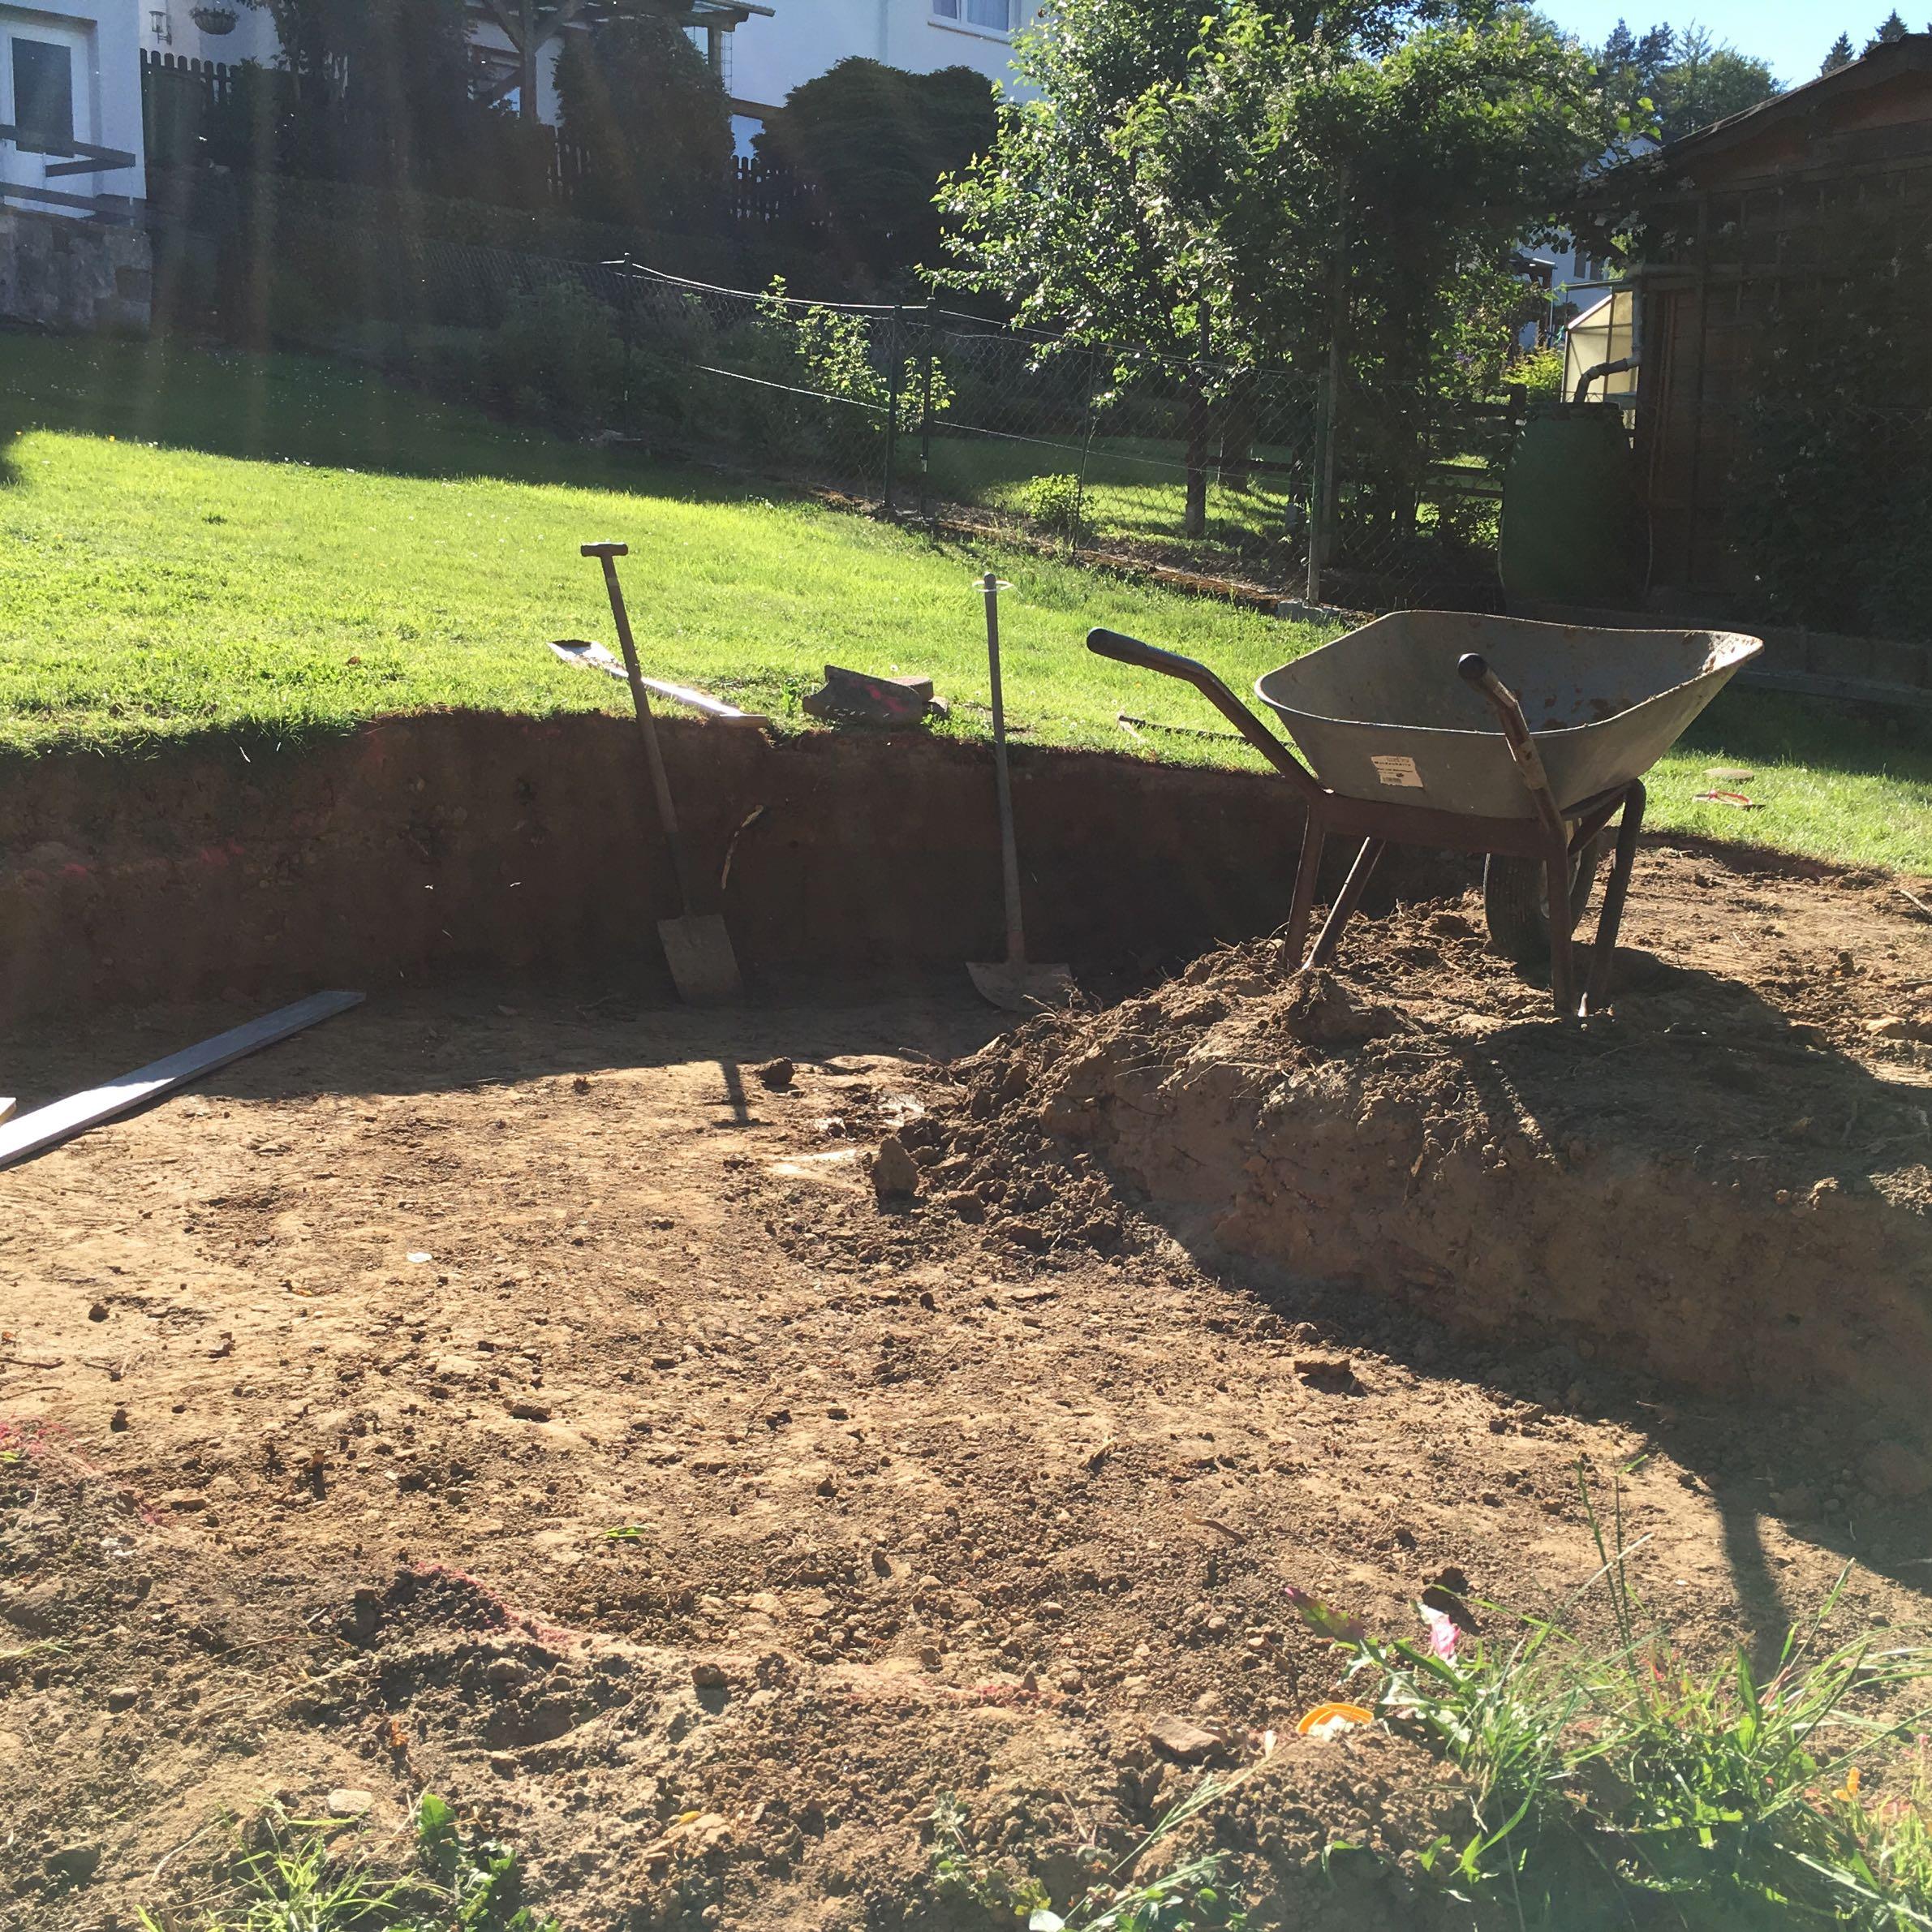 stahlwand pool 4 00 x 1 20 teilweise versenken geht das ohne bodenplatte und drainage